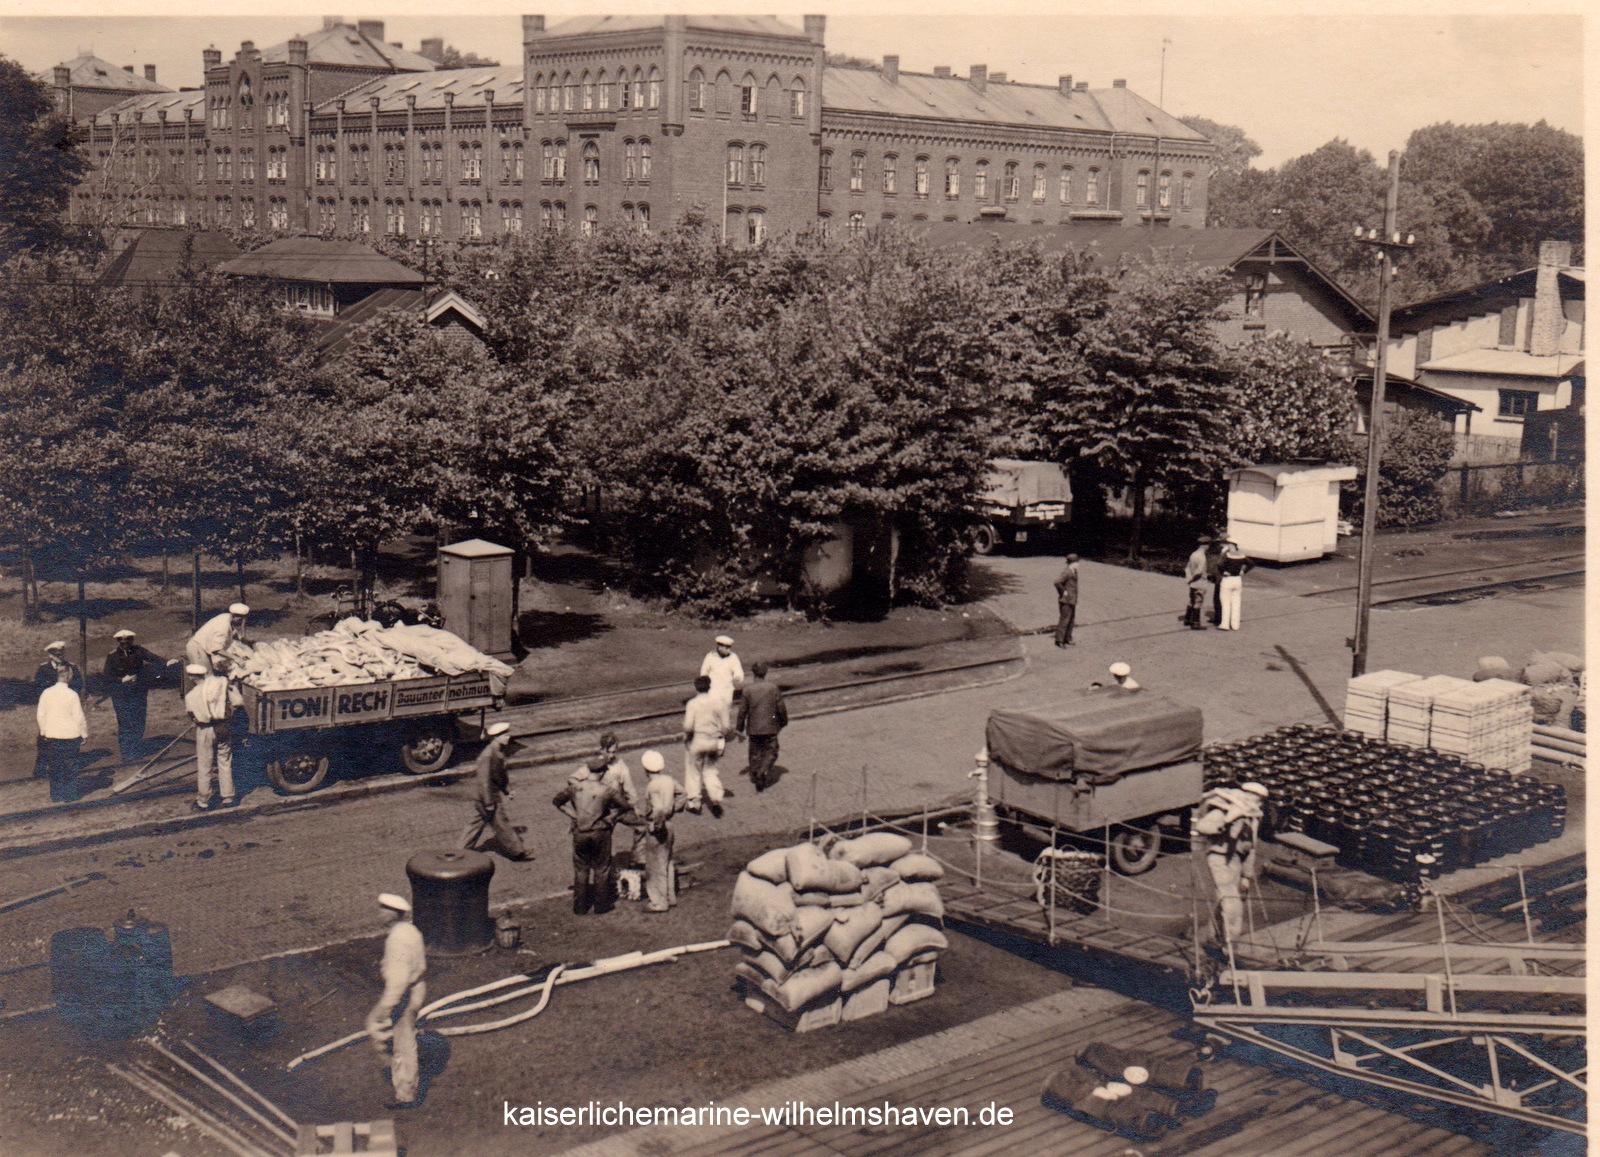 Dieses und nachfolgendes Bild: Proviantaufnahme etwa Mitte der 30er-Jahre an der Westkaje des Nordhafens.